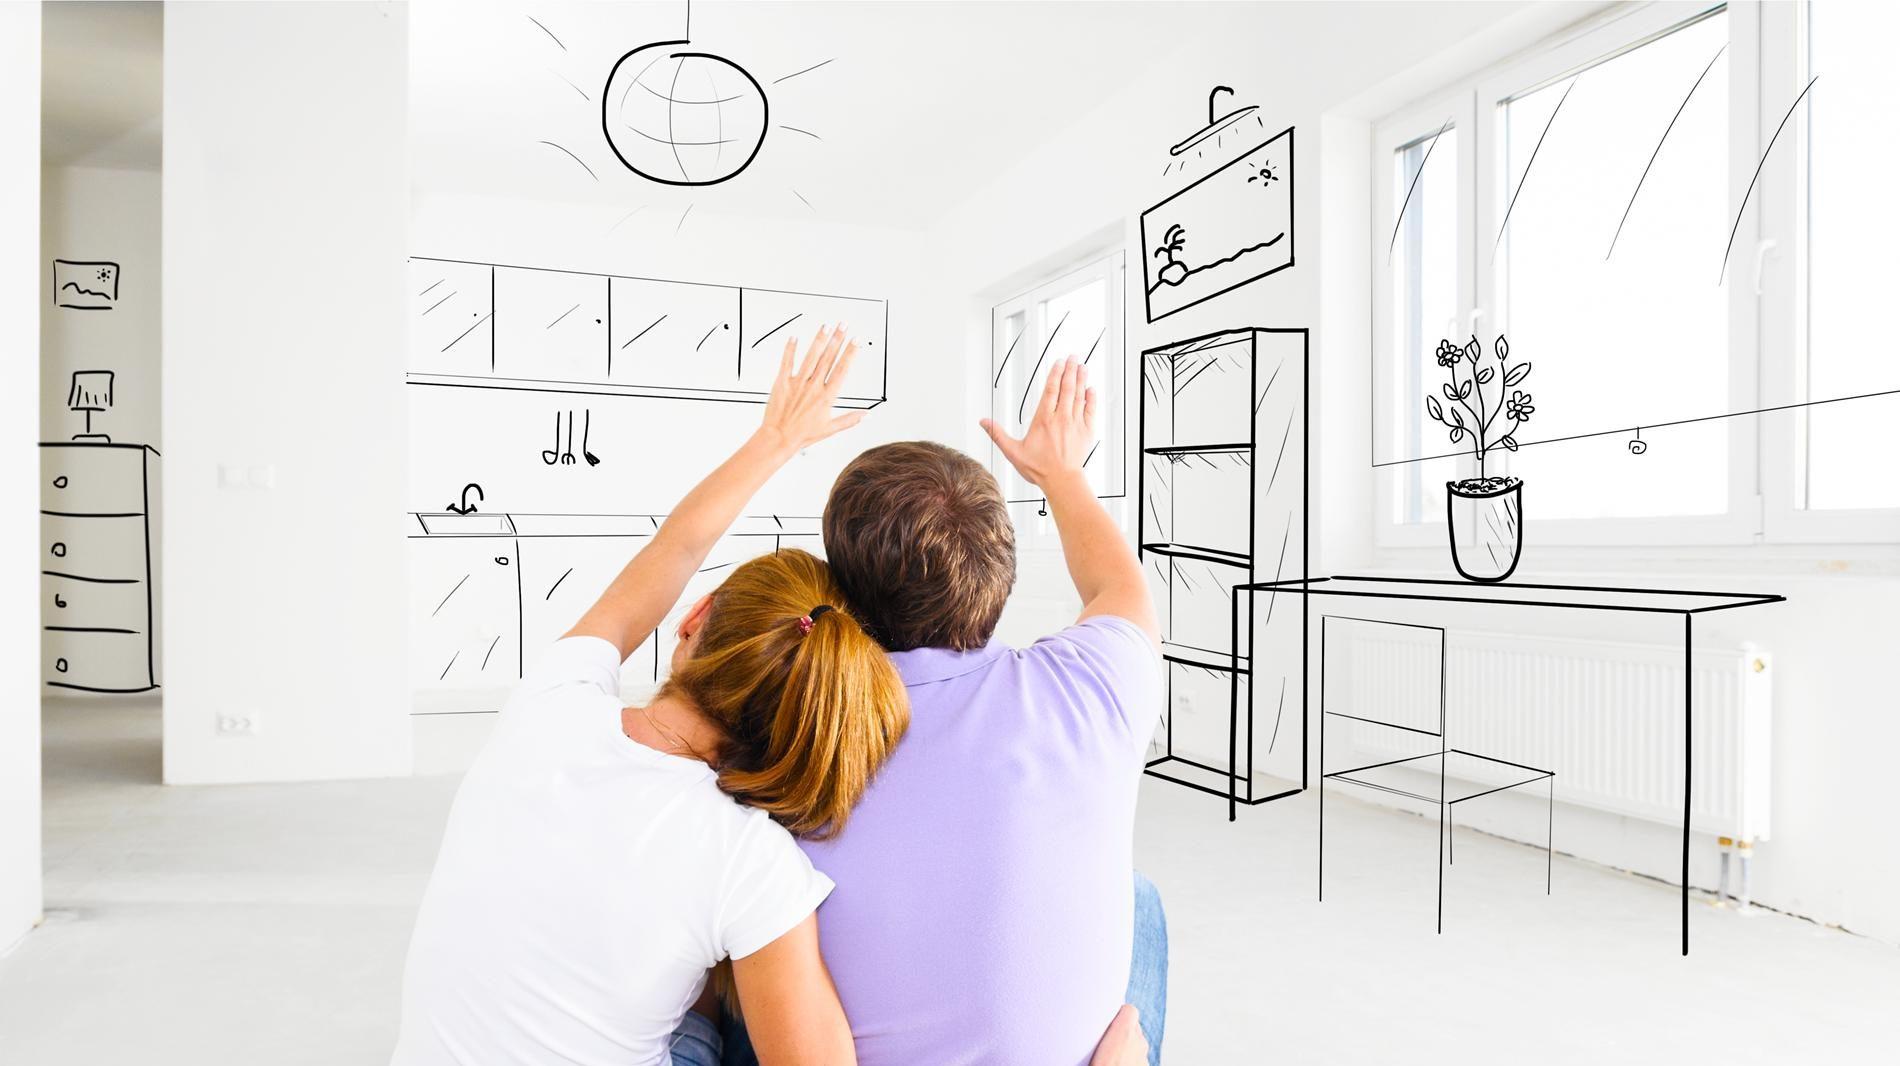 Купить квартиру в Киеве: на что обращать внимание при покупке недвижимости